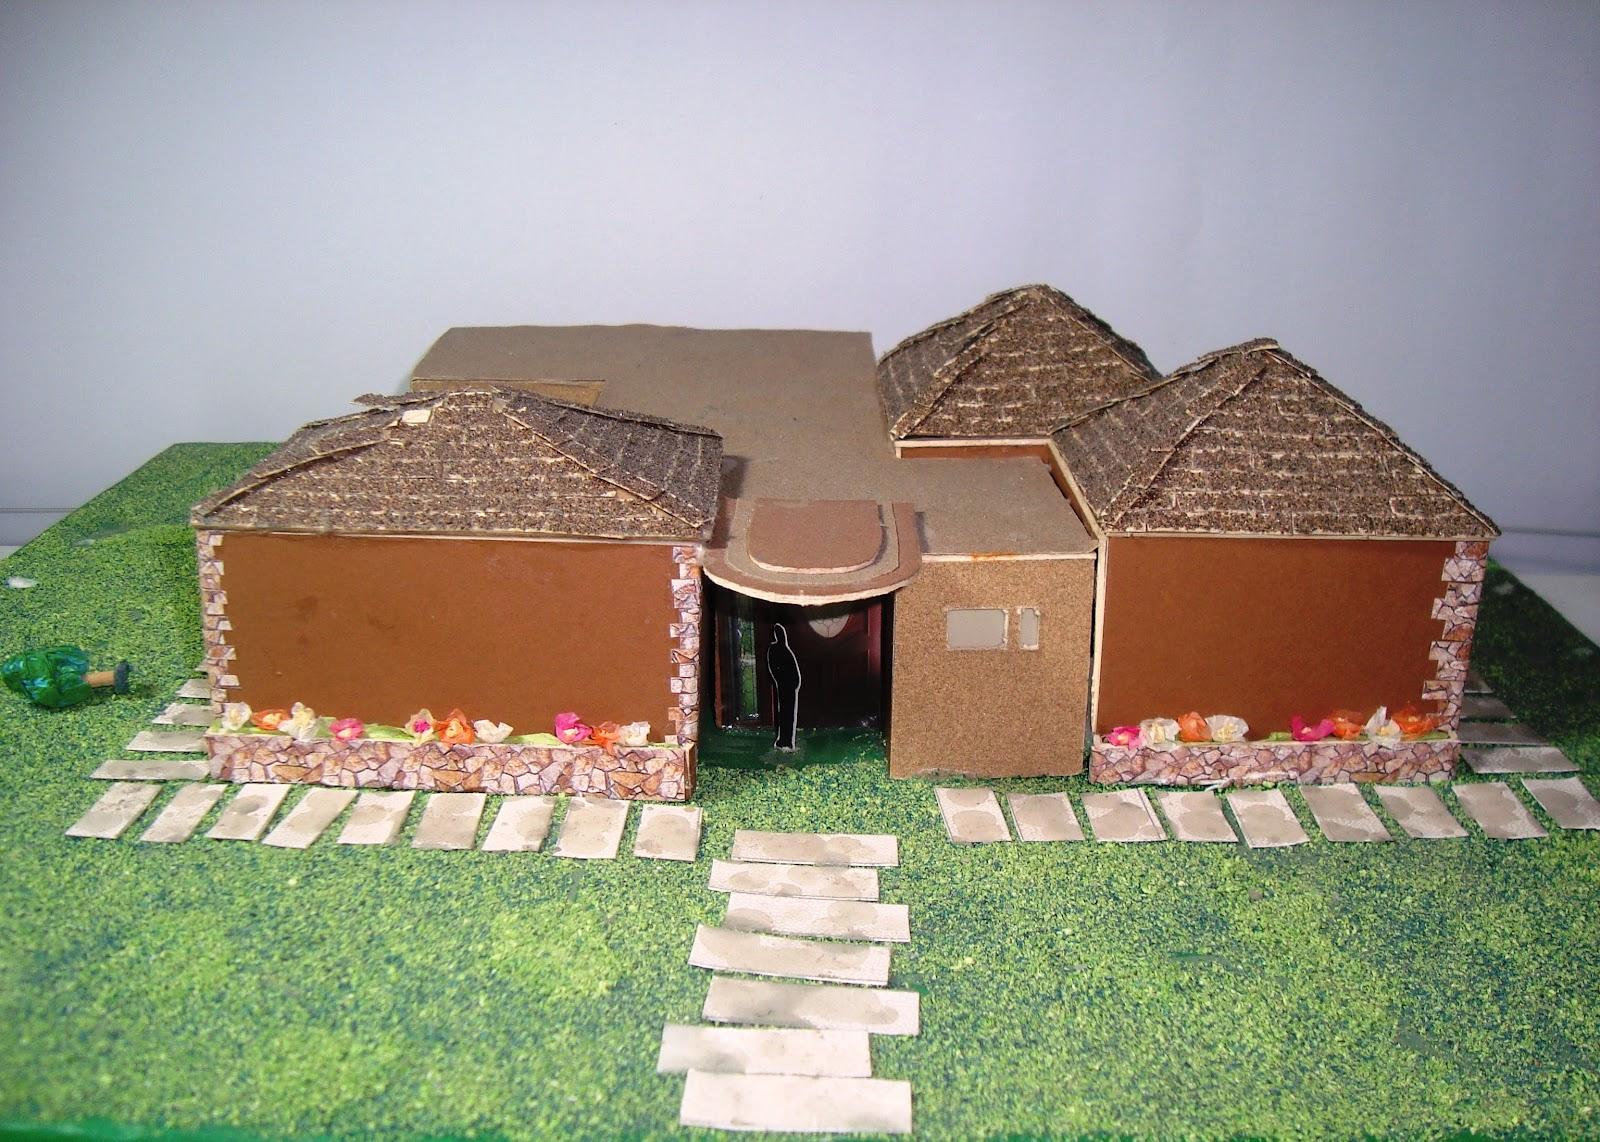 Portafolio dise o arquitectonico 4 dise o arquitectonico 1 for Donde puedo estudiar arquitectura